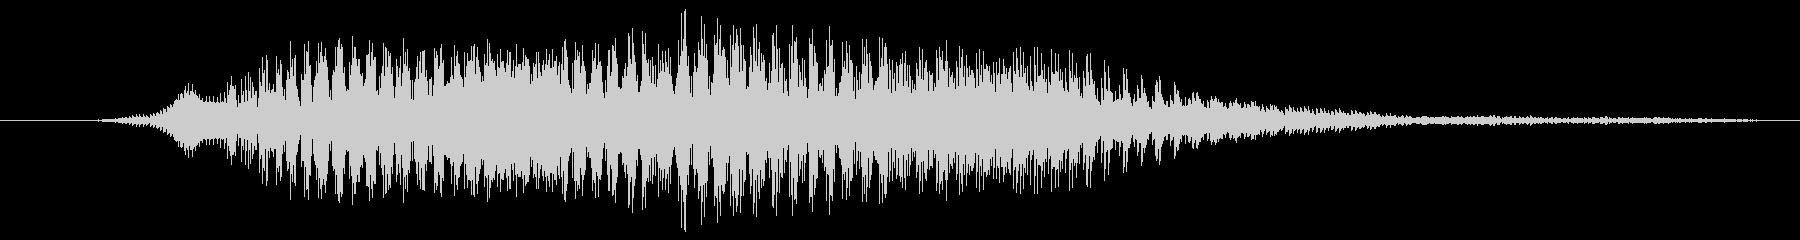 鳴き声 雄叫びの積極的な出発10の未再生の波形